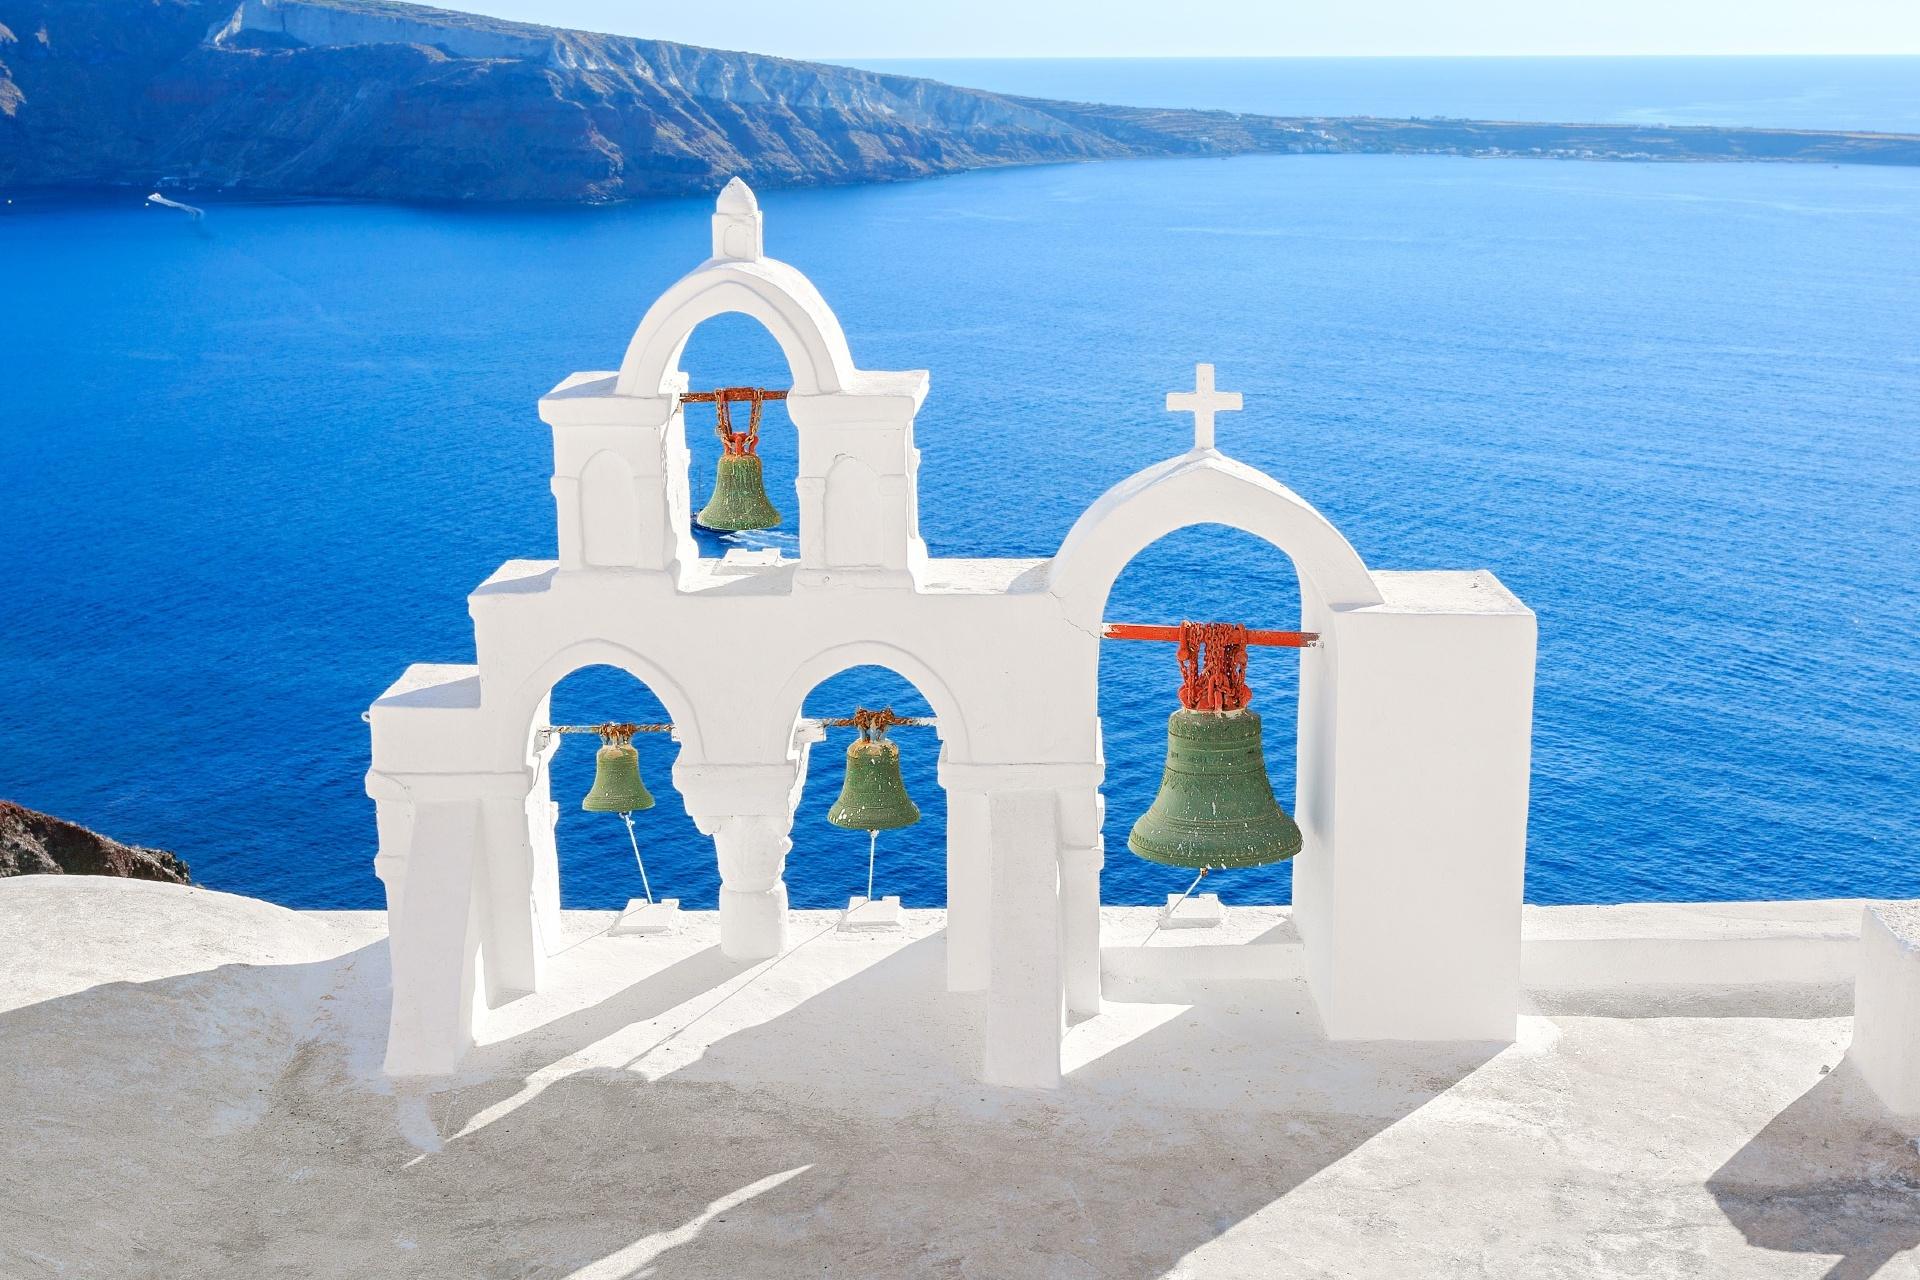 夏のサントリーニ島の風景 ギリシャの風景